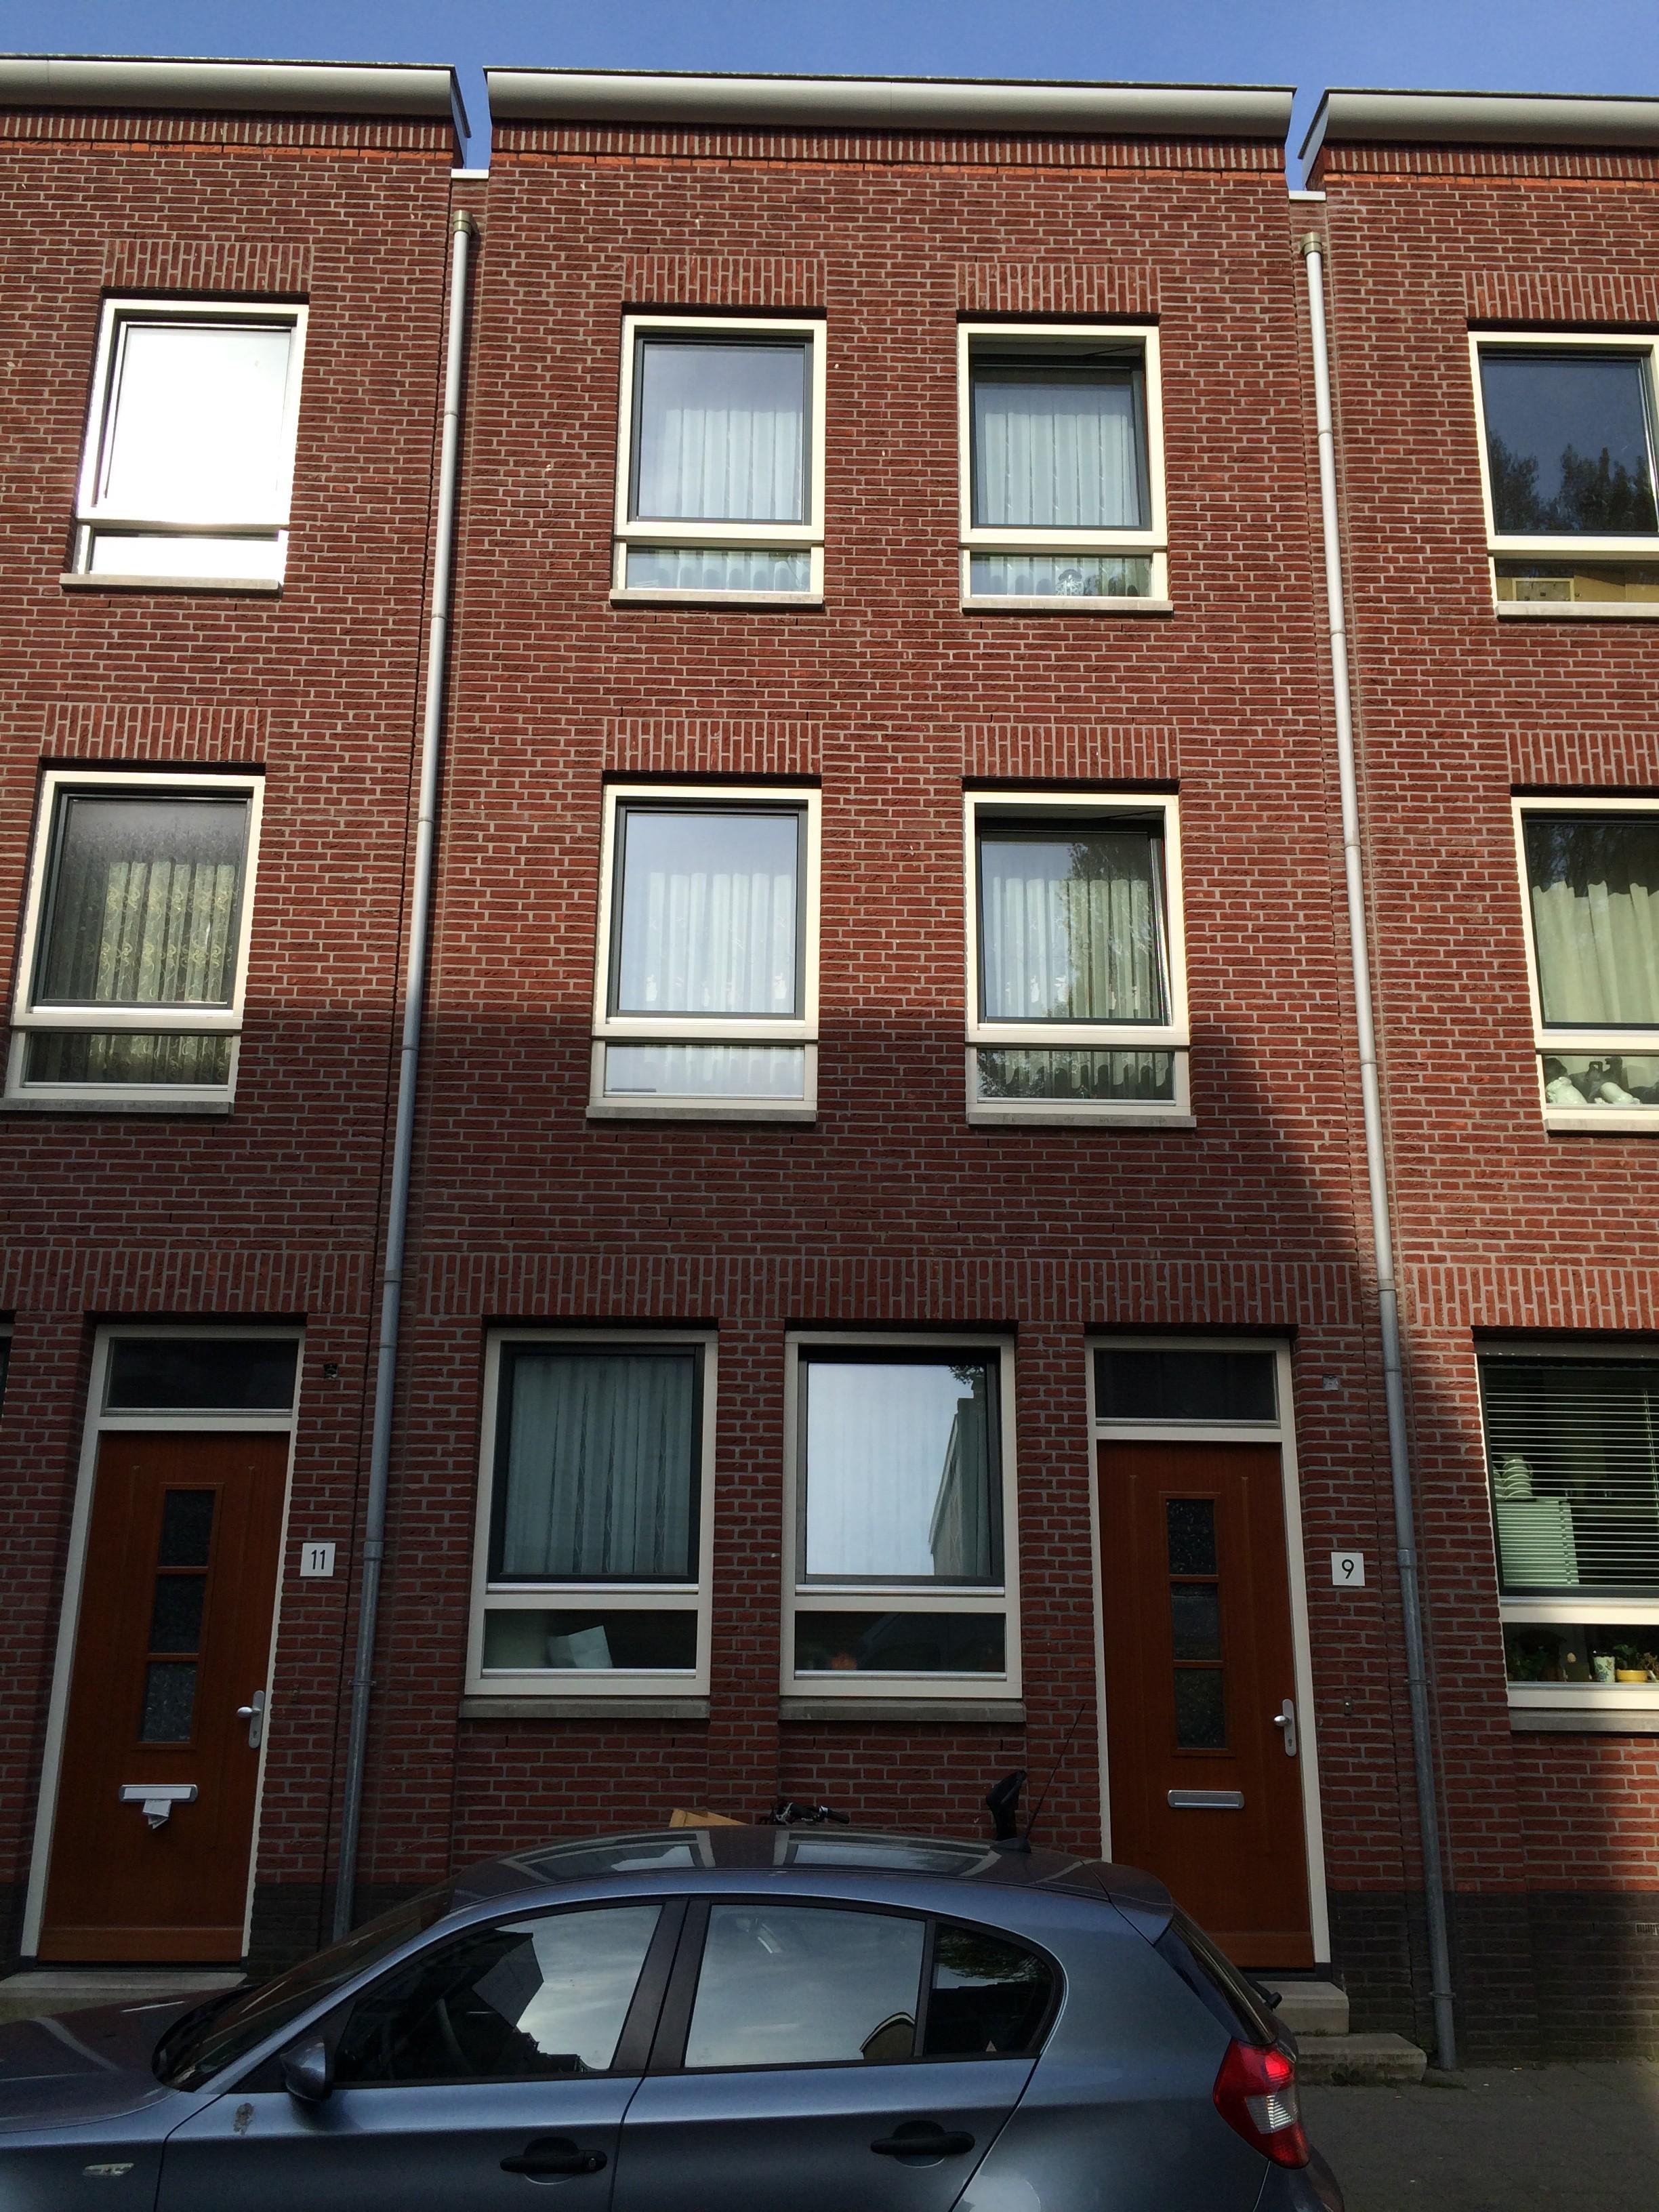 BKT_Havensteder_BAM_wattierstraat_Rotterdam_nieuwbouw_herenhuizen_Delfshaven_Lean_herstructurering_03.jpg